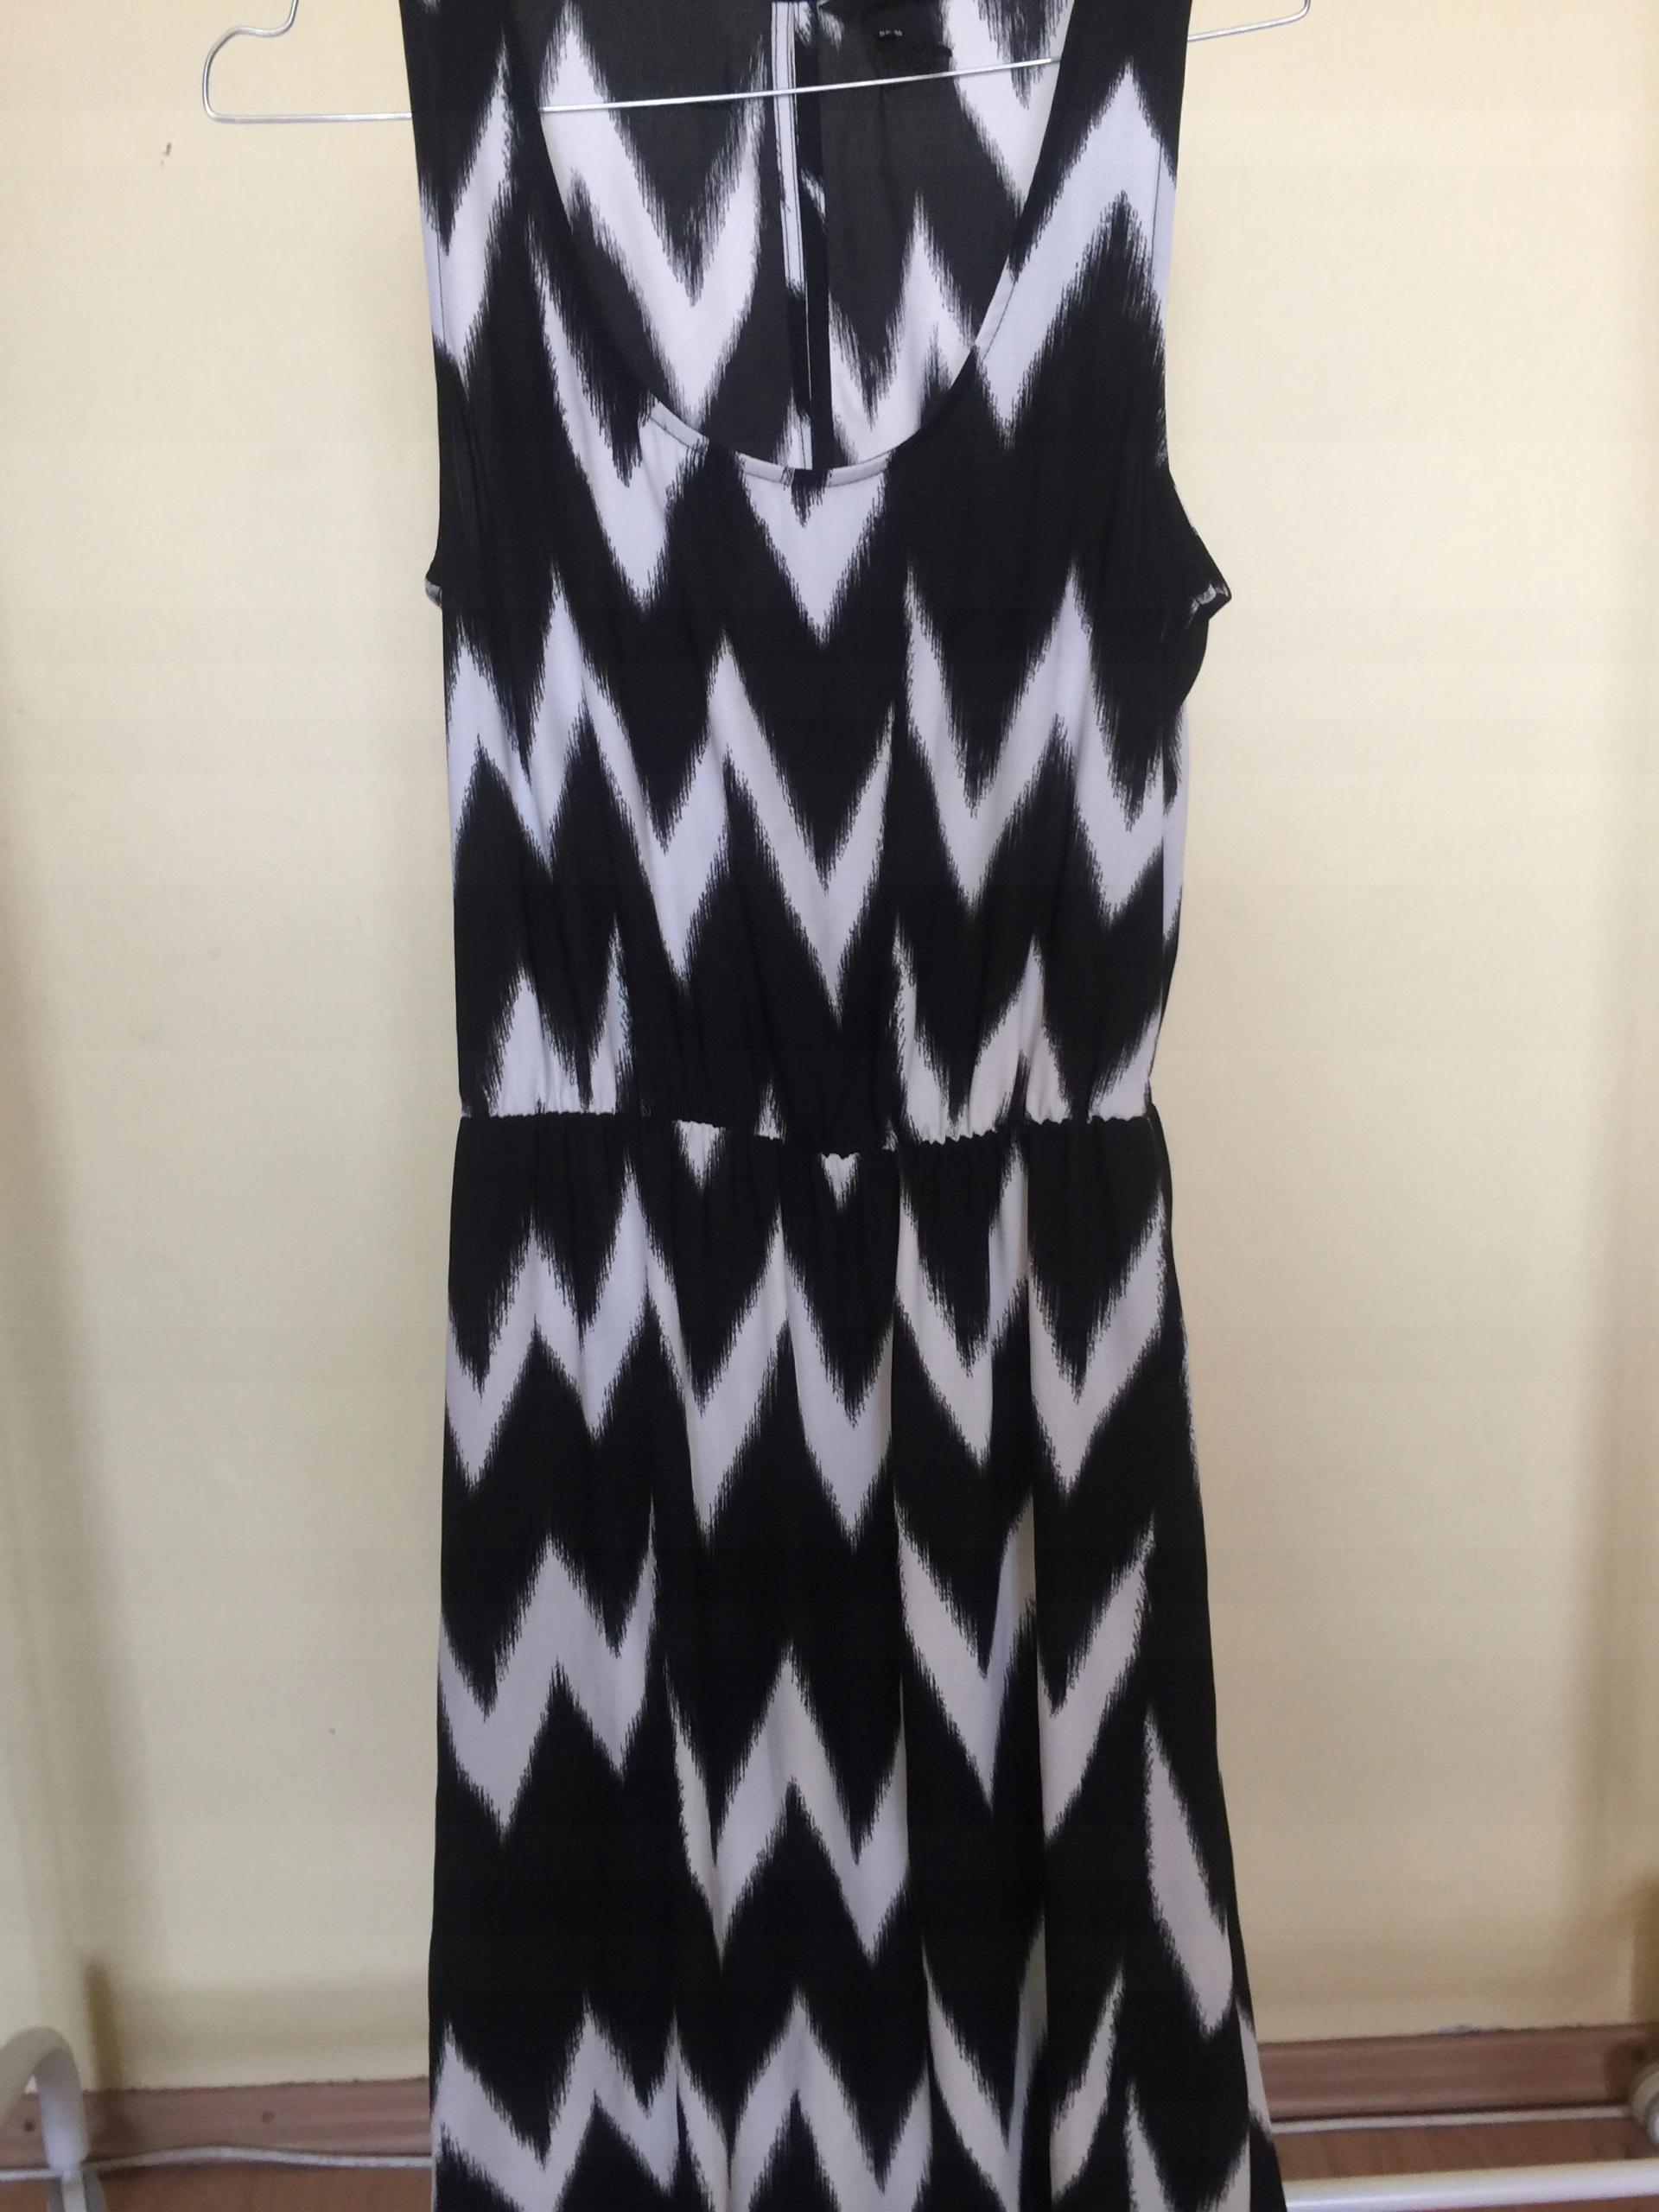 d78d611c80 sukienka maxi H M rozmiar 36 - 7524376089 - oficjalne archiwum allegro